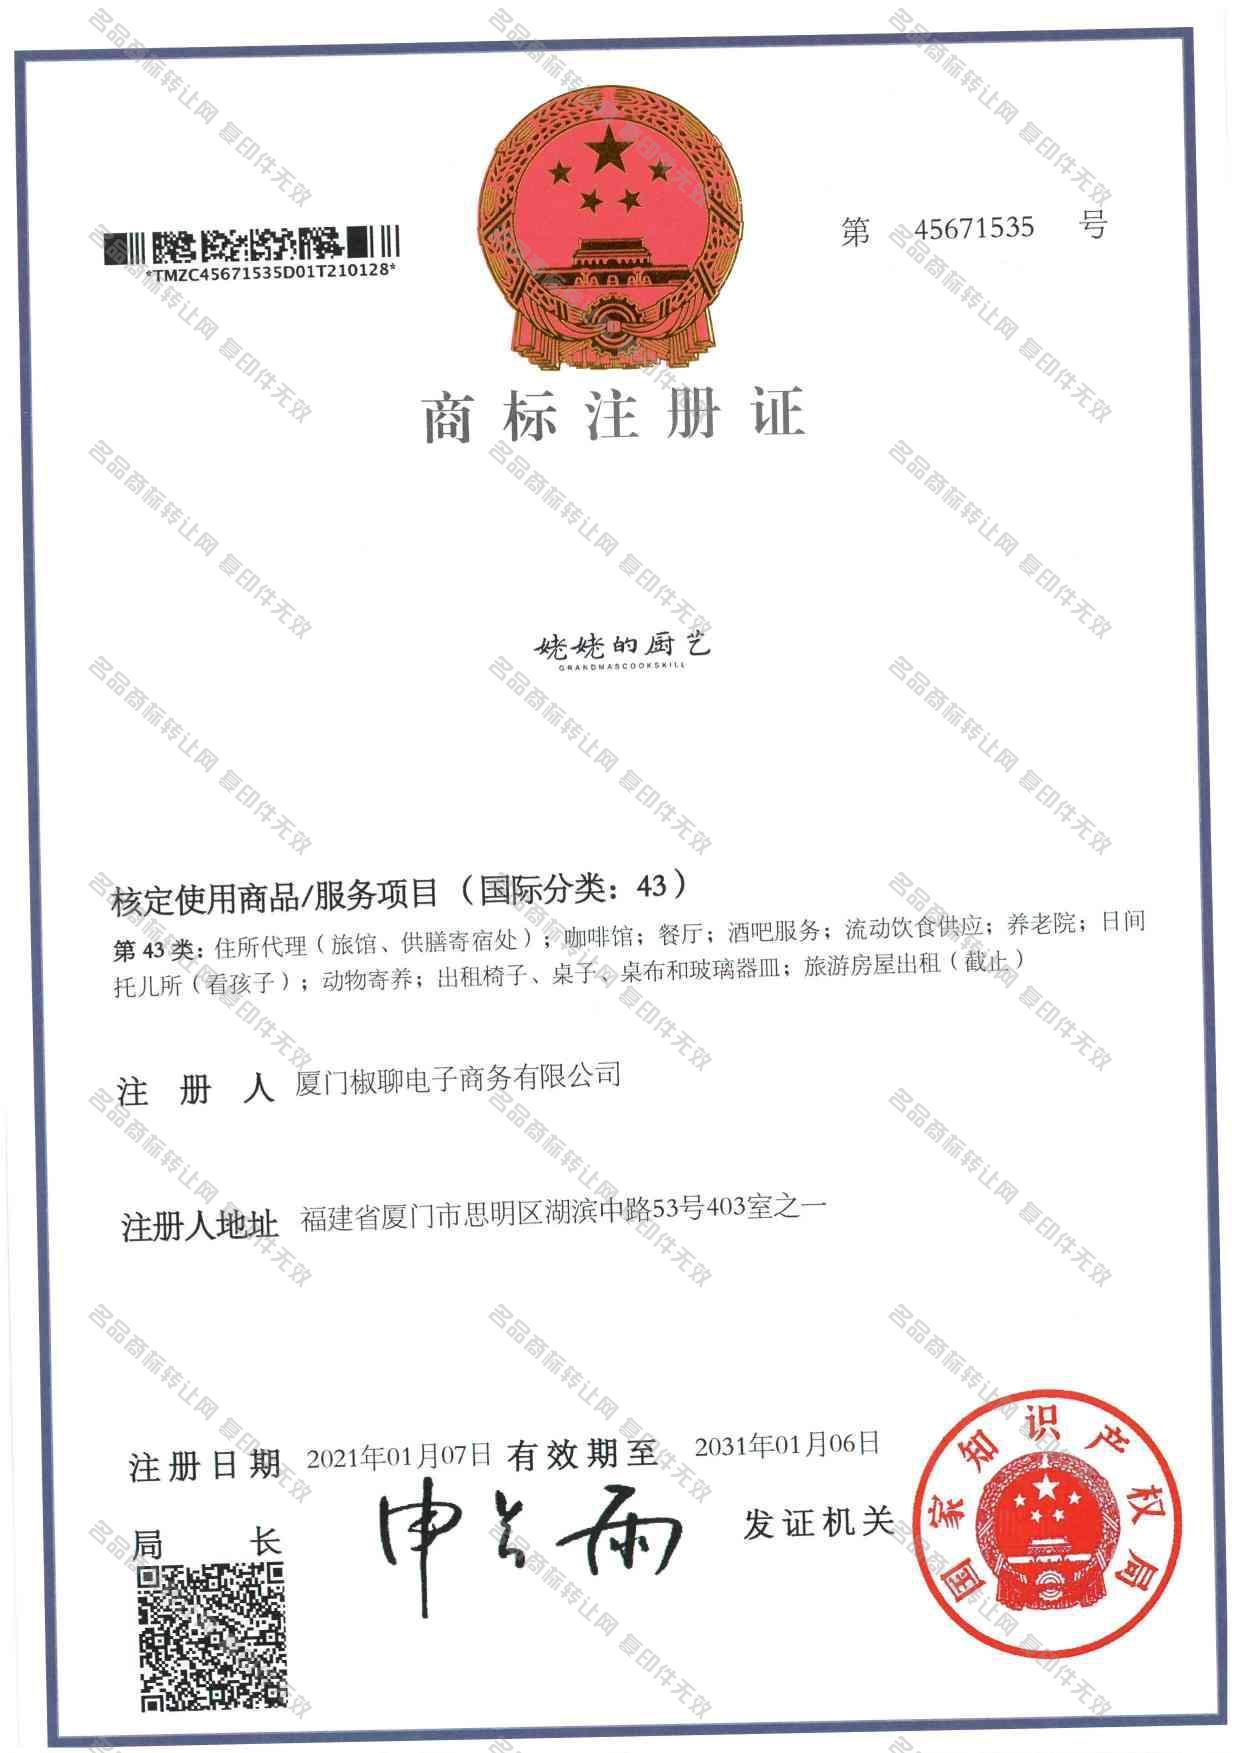 姥姥的厨艺 GRANDMASCOOKSKILL注册证